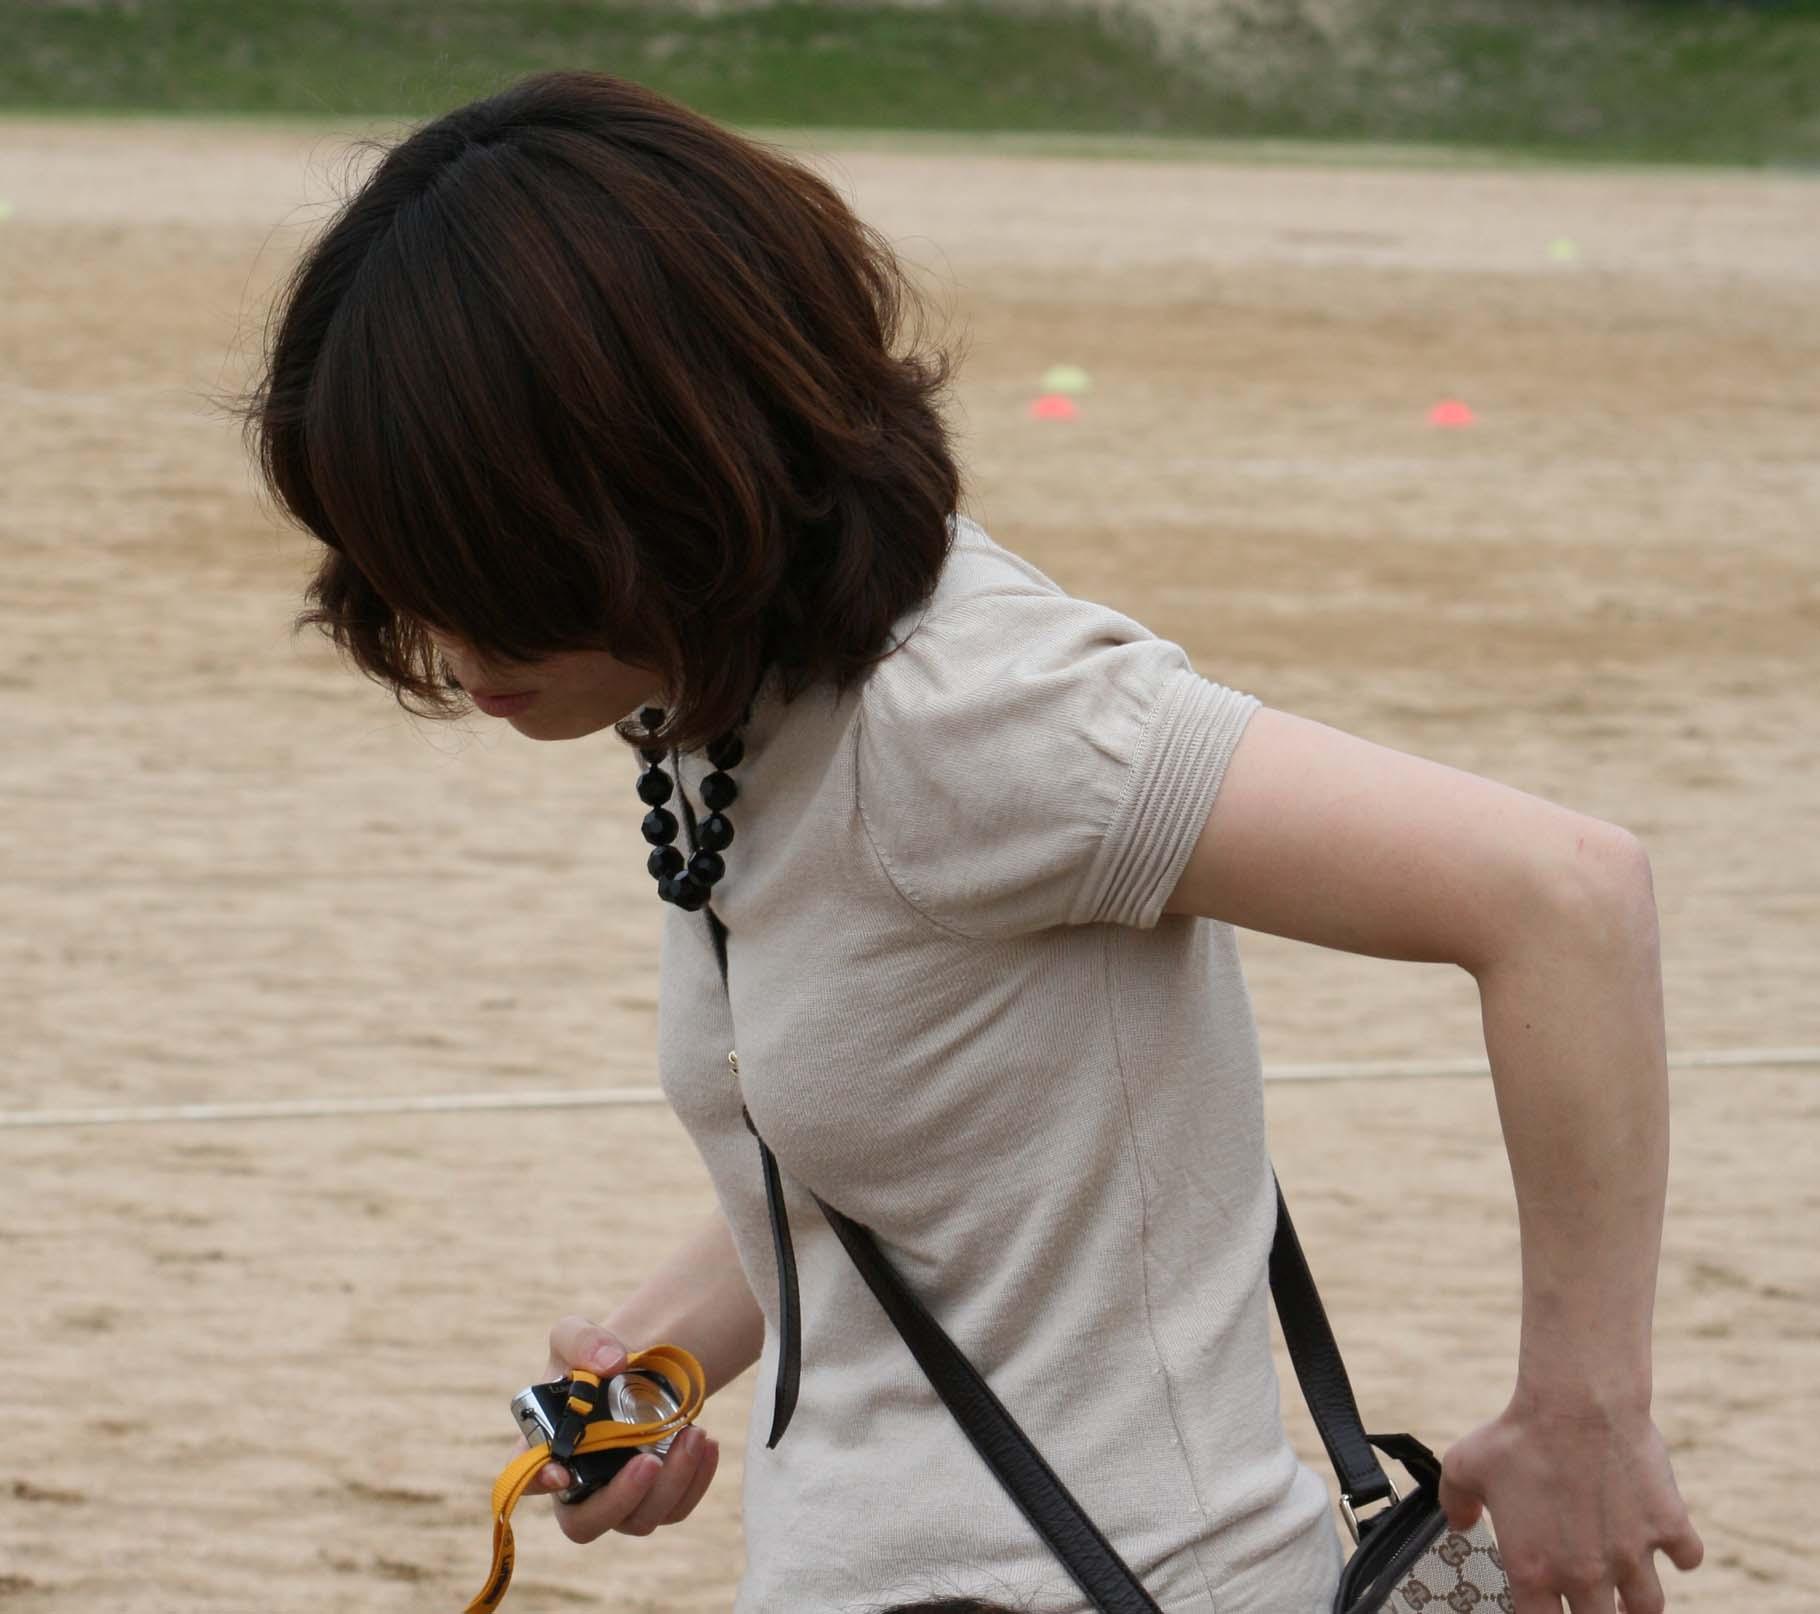 【パイスラエロ画像】手提げに負けるな!たすき掛けバッグならではのパイスラ着胸www 08